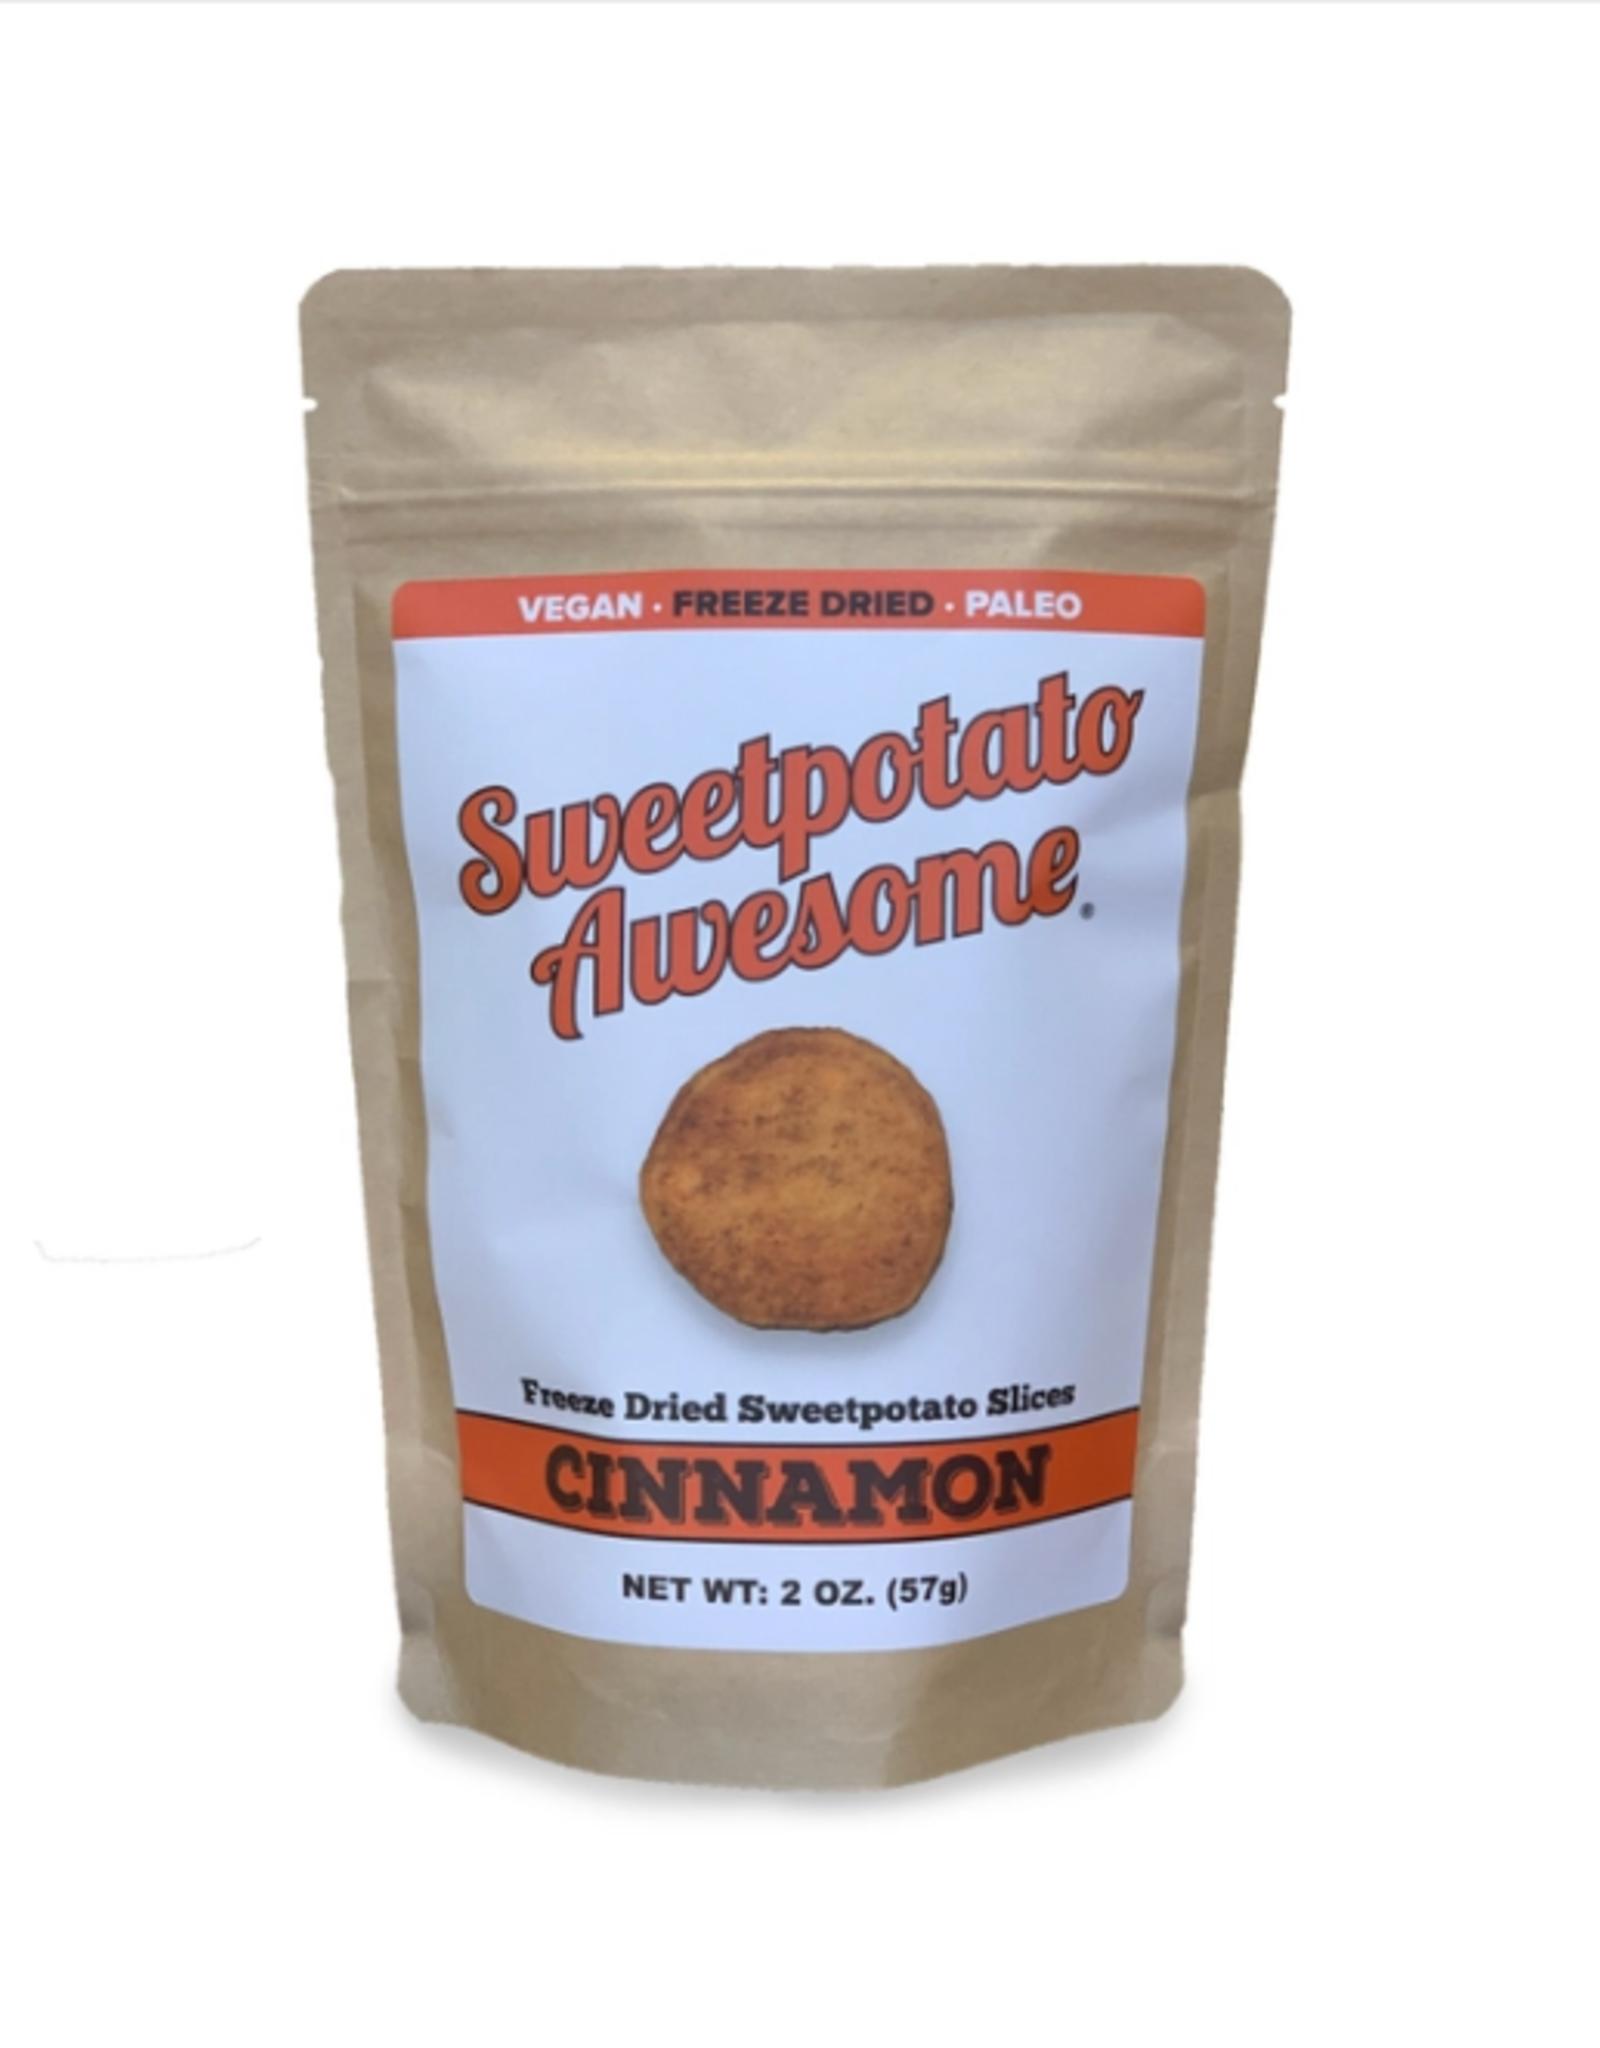 Sweetpotato Awesome Cinnamon Slices Sweetpotato 2oz